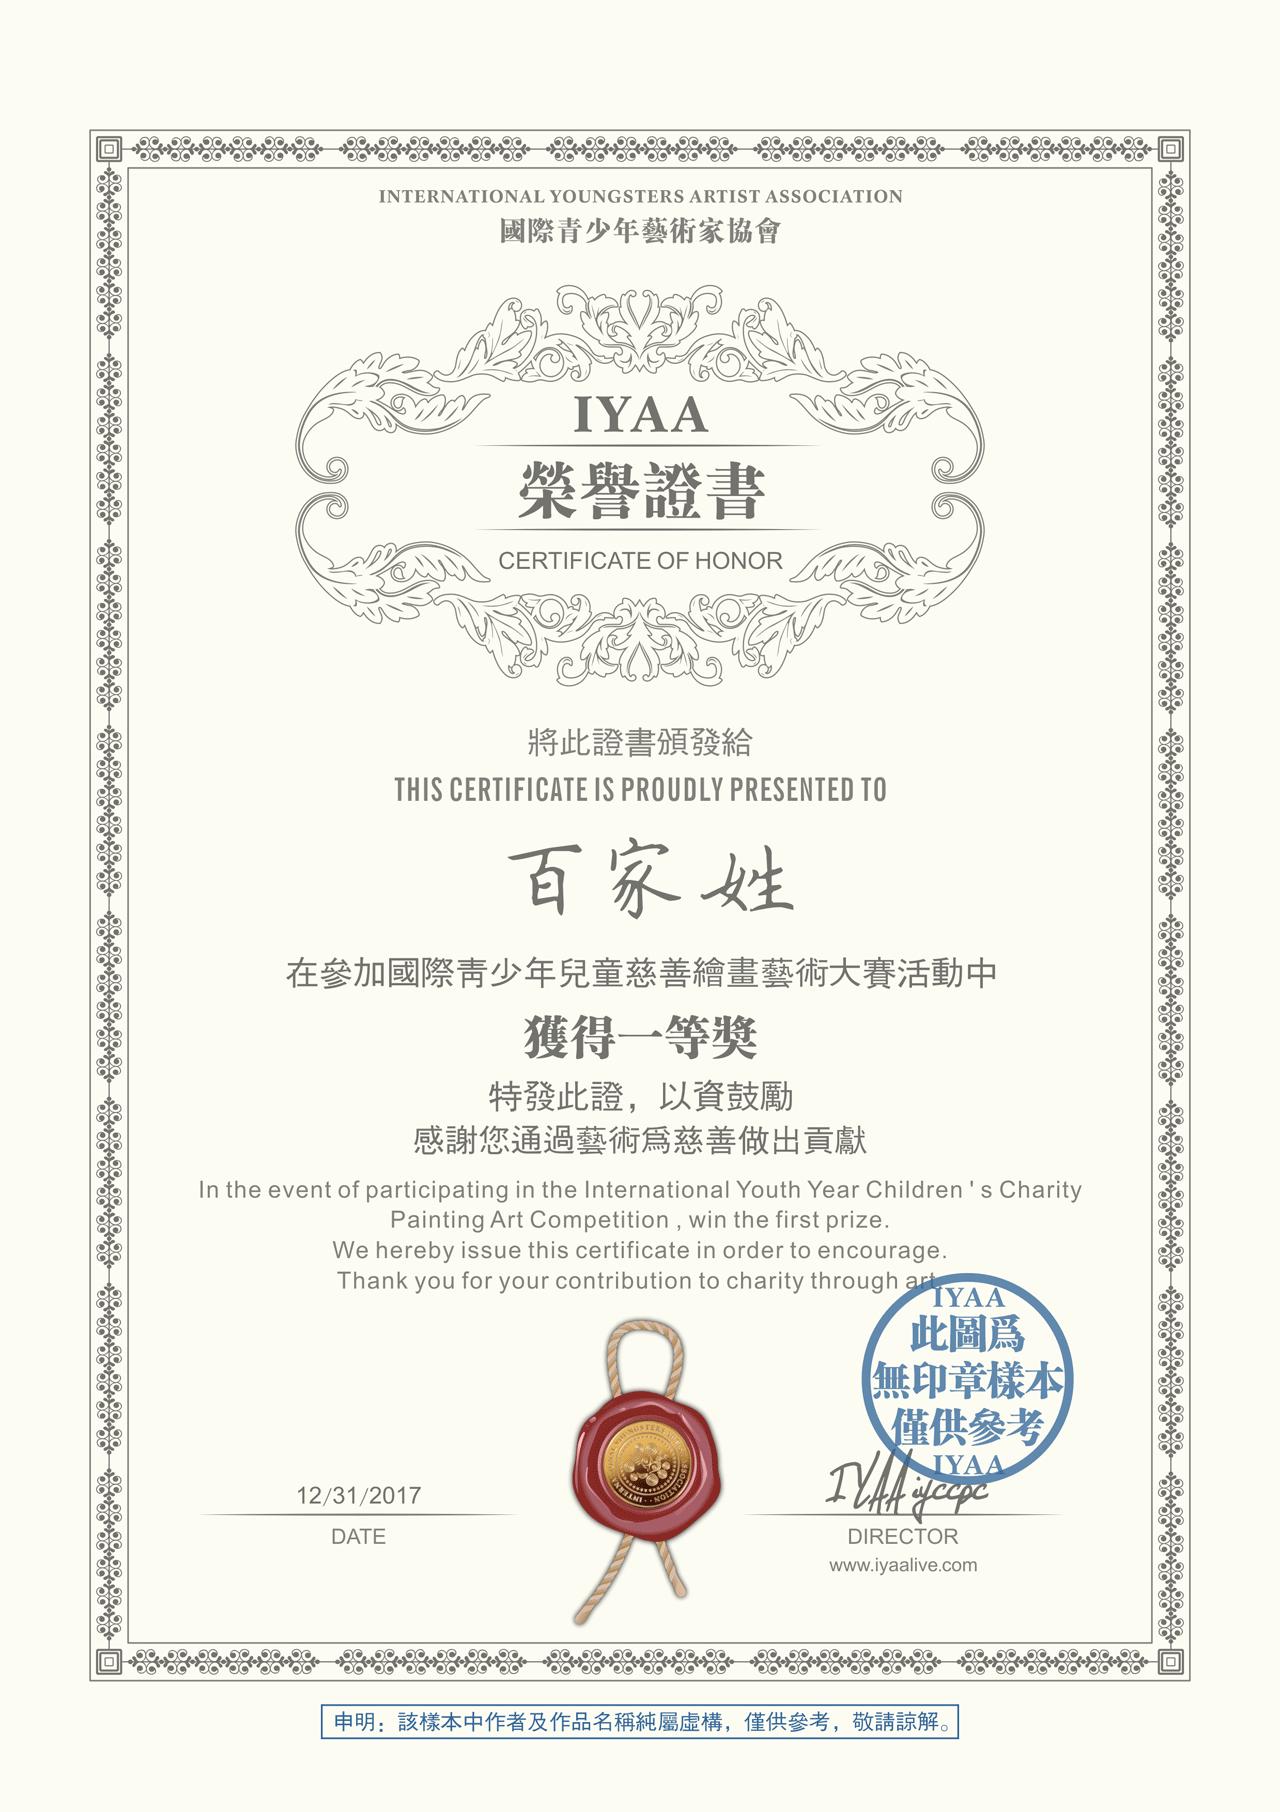 IYAA_国际青少年艺术家荣誉证书